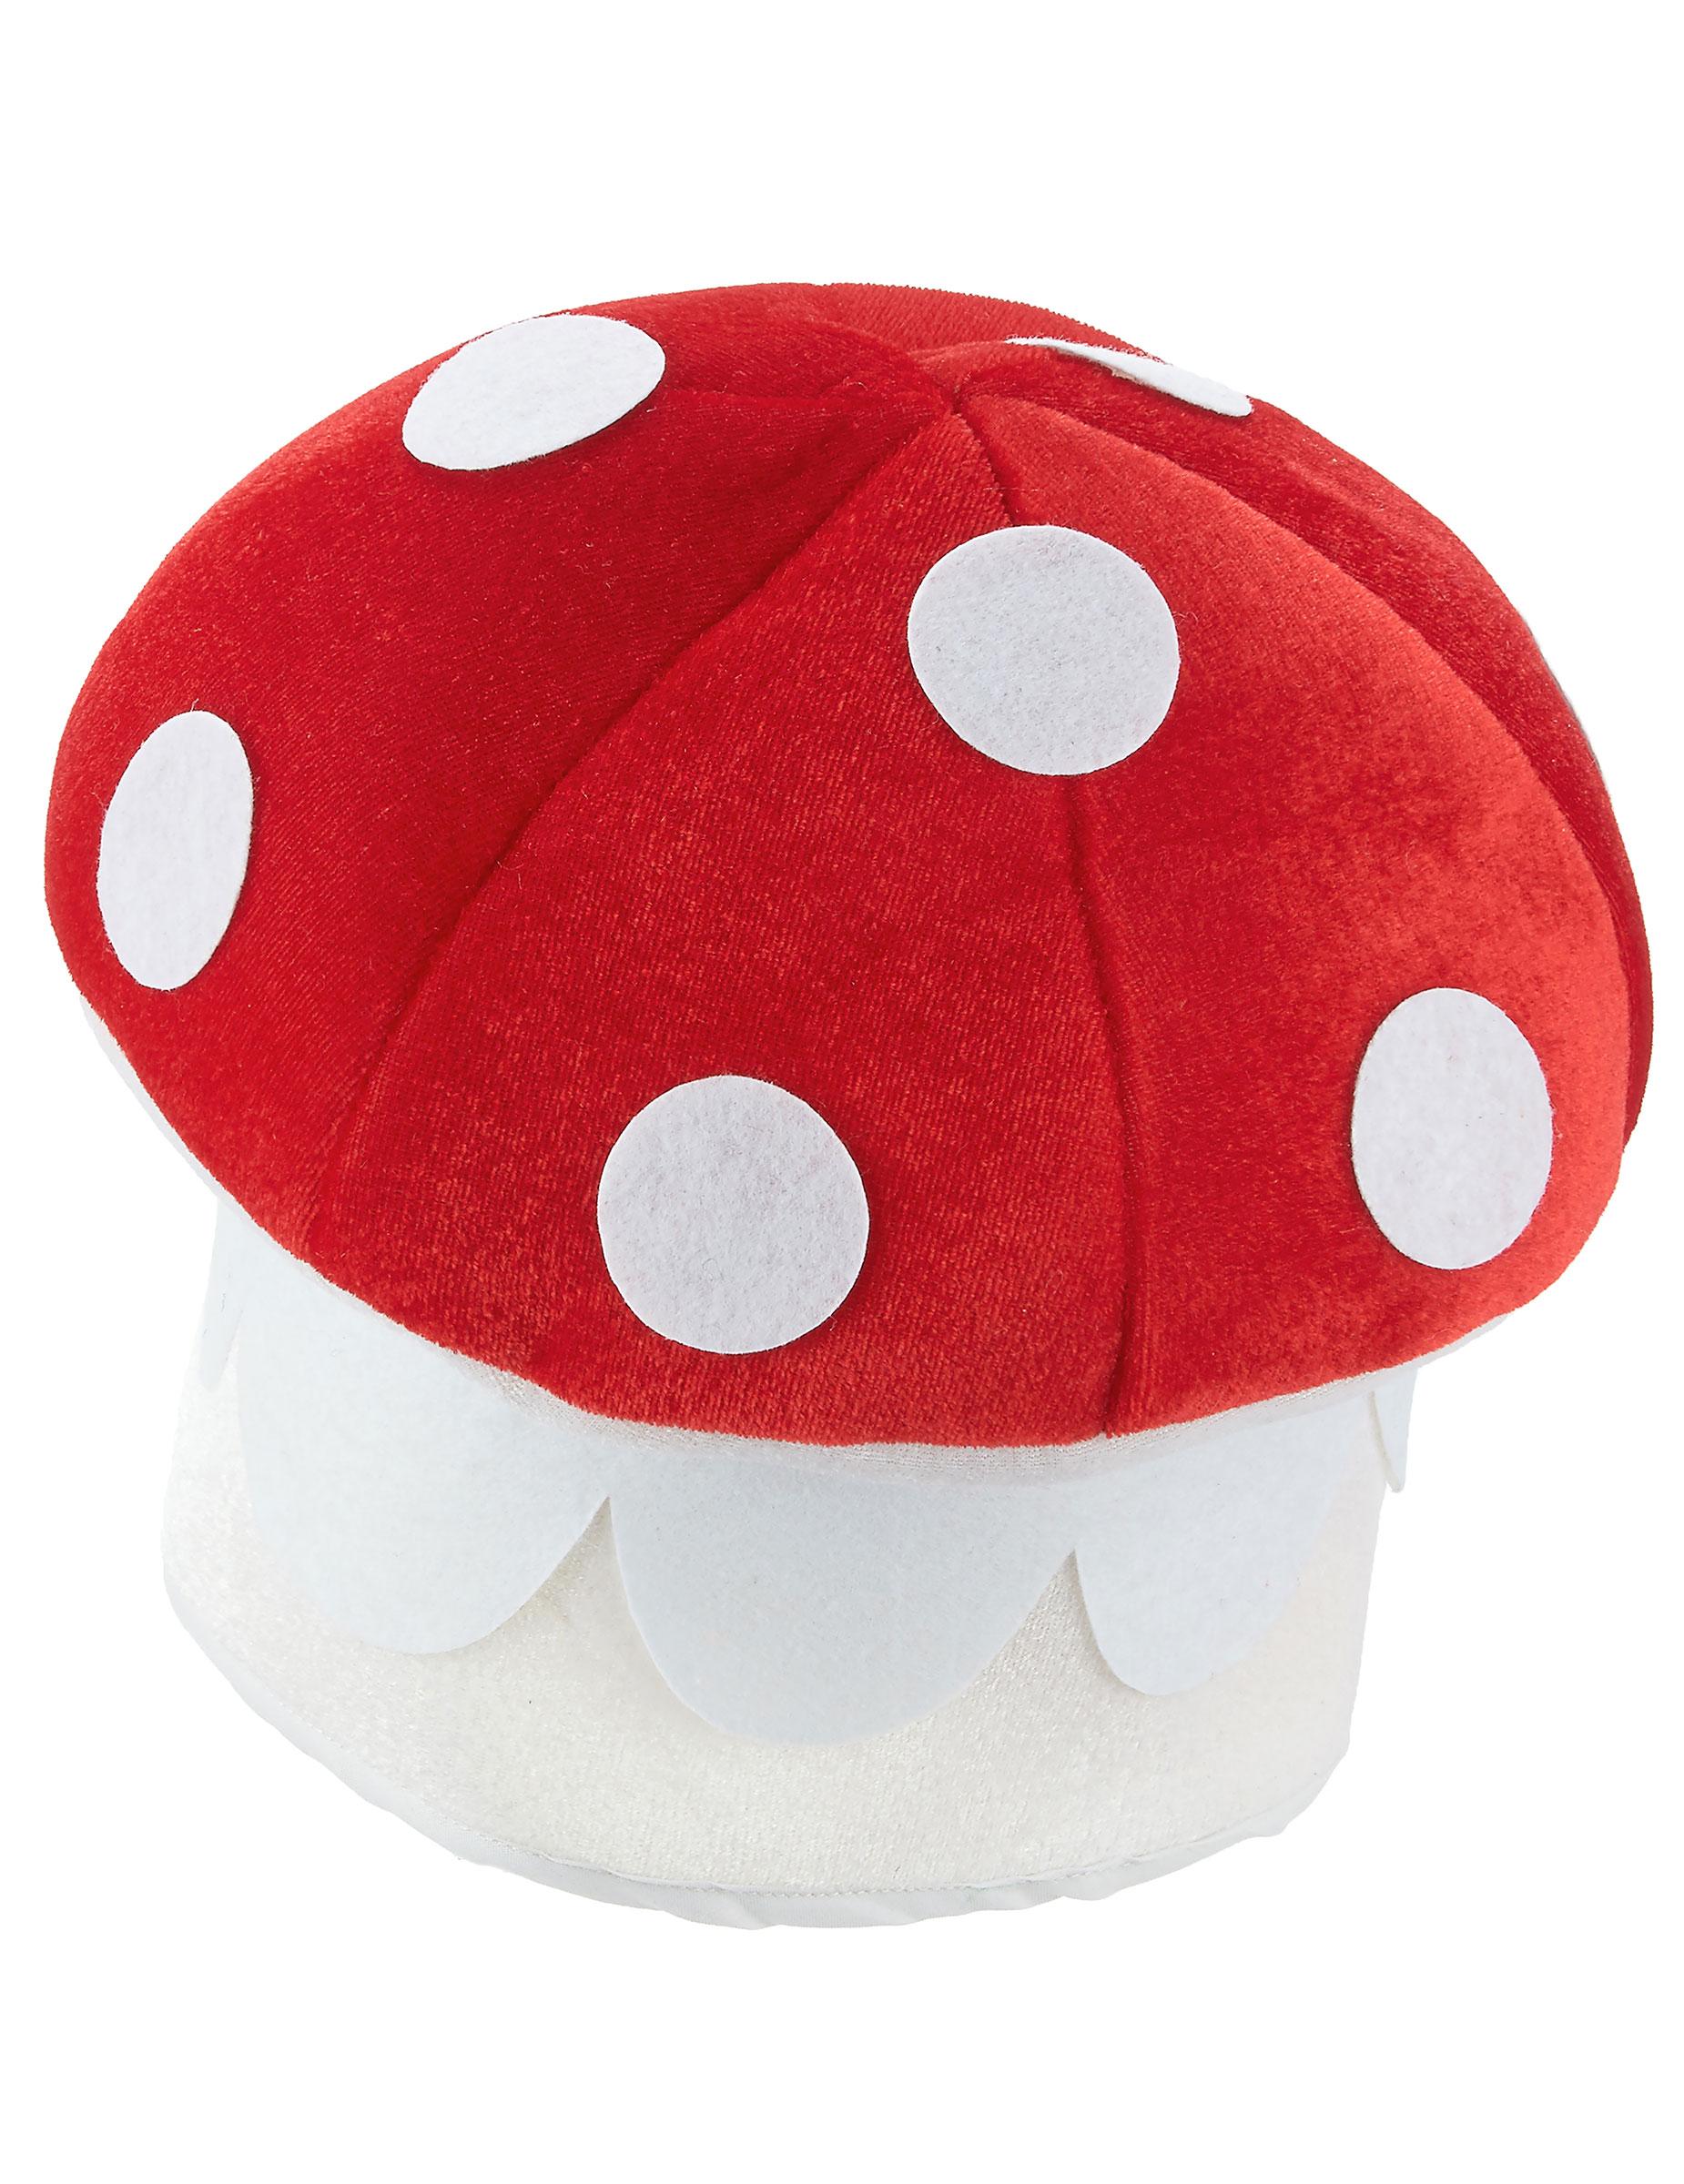 Cappello fungo da adulto  Cappelli 8fc9082c3f09